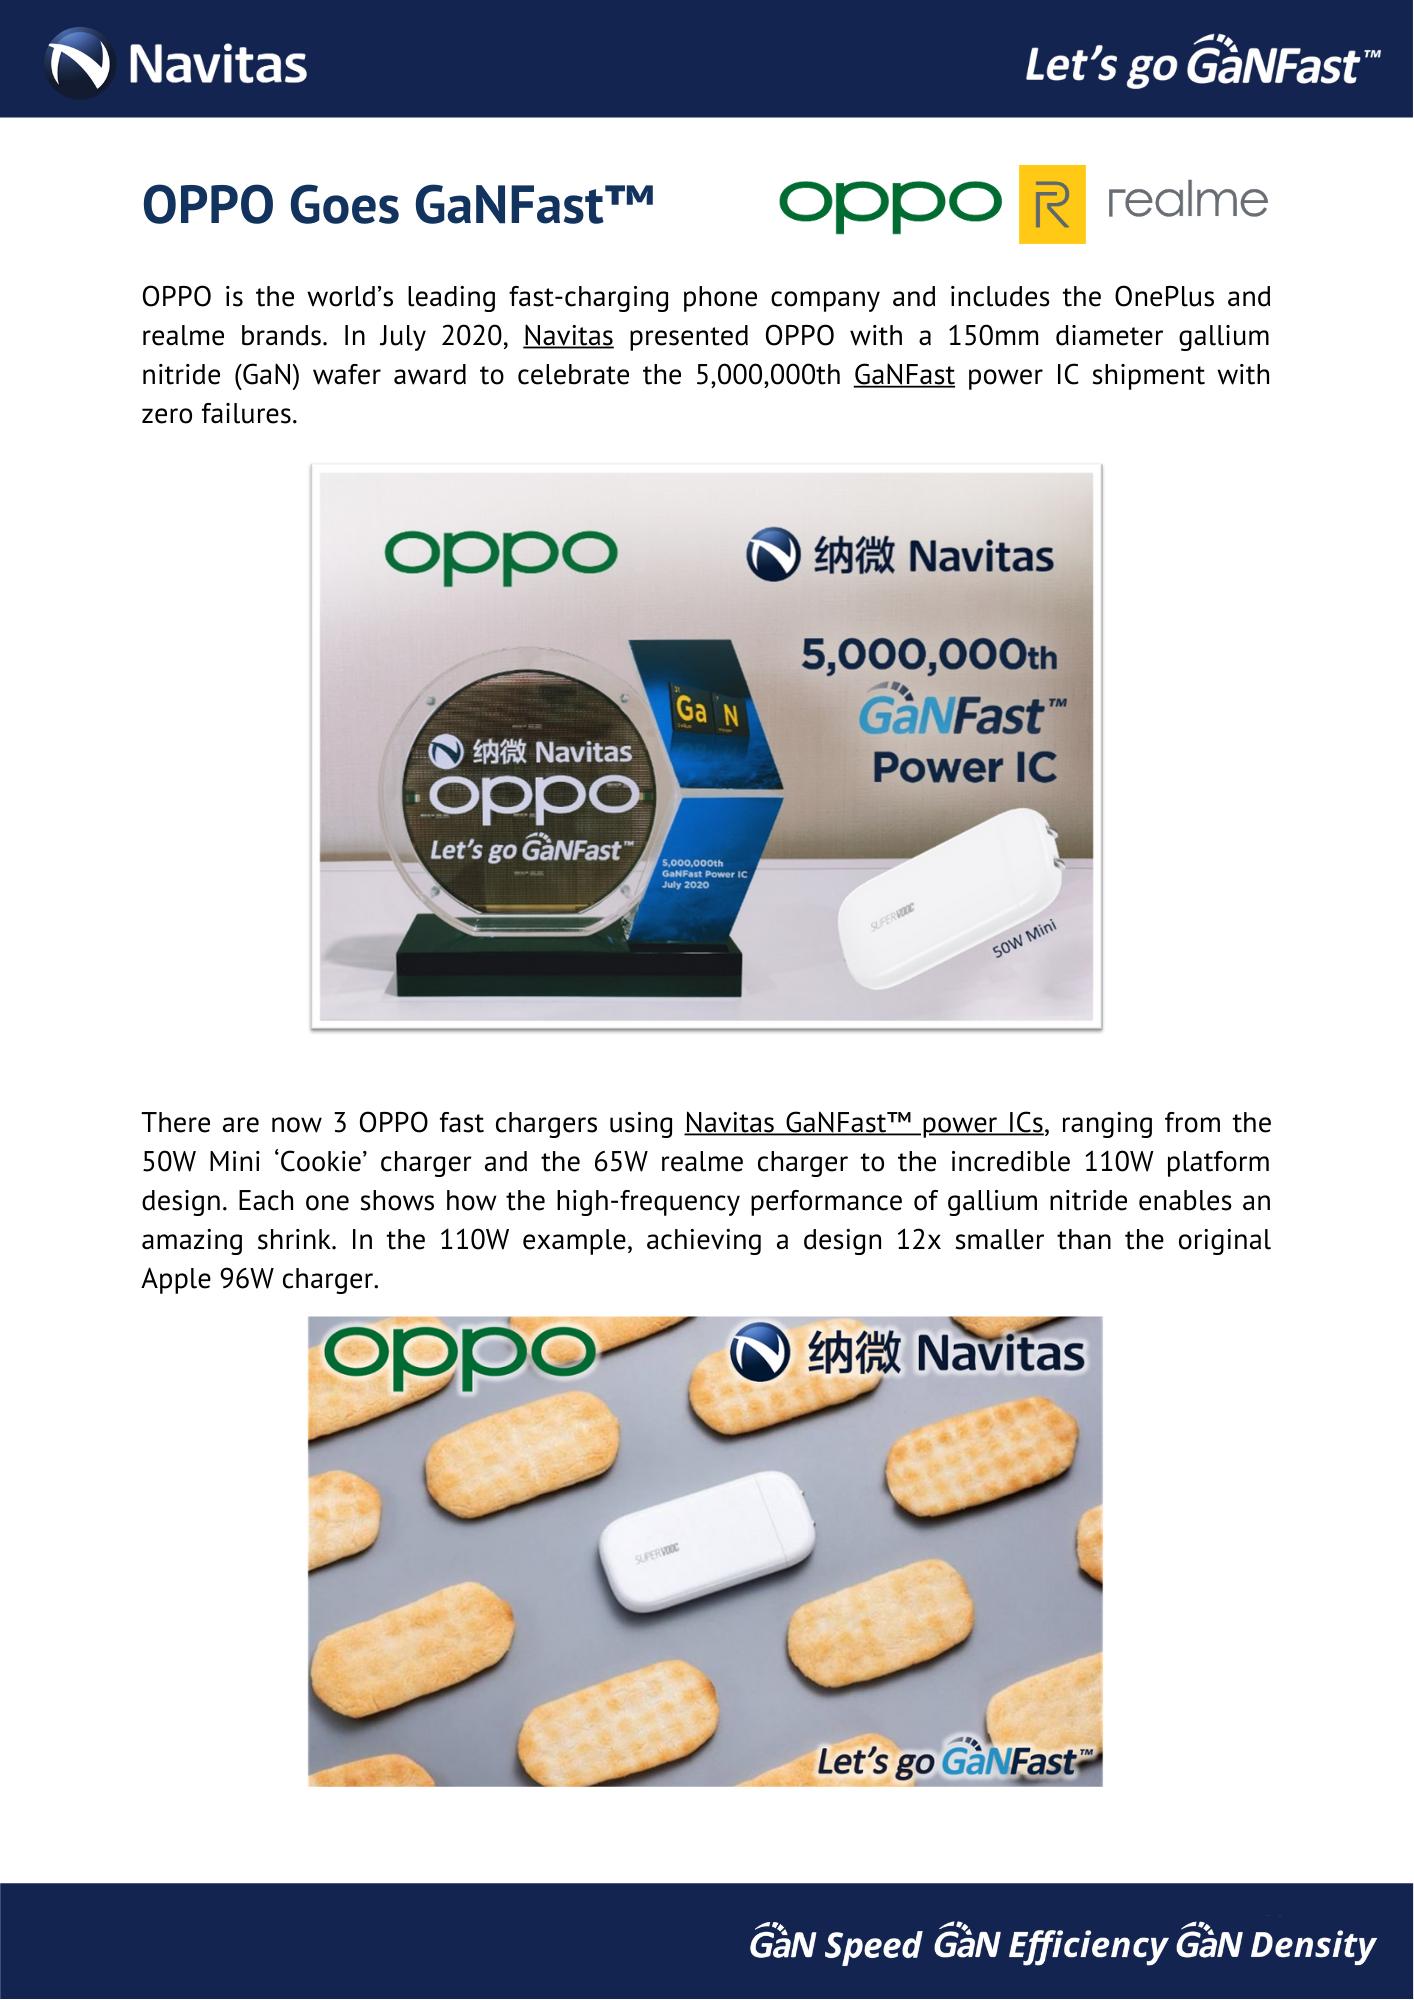 OPPO Goes GaNFast™